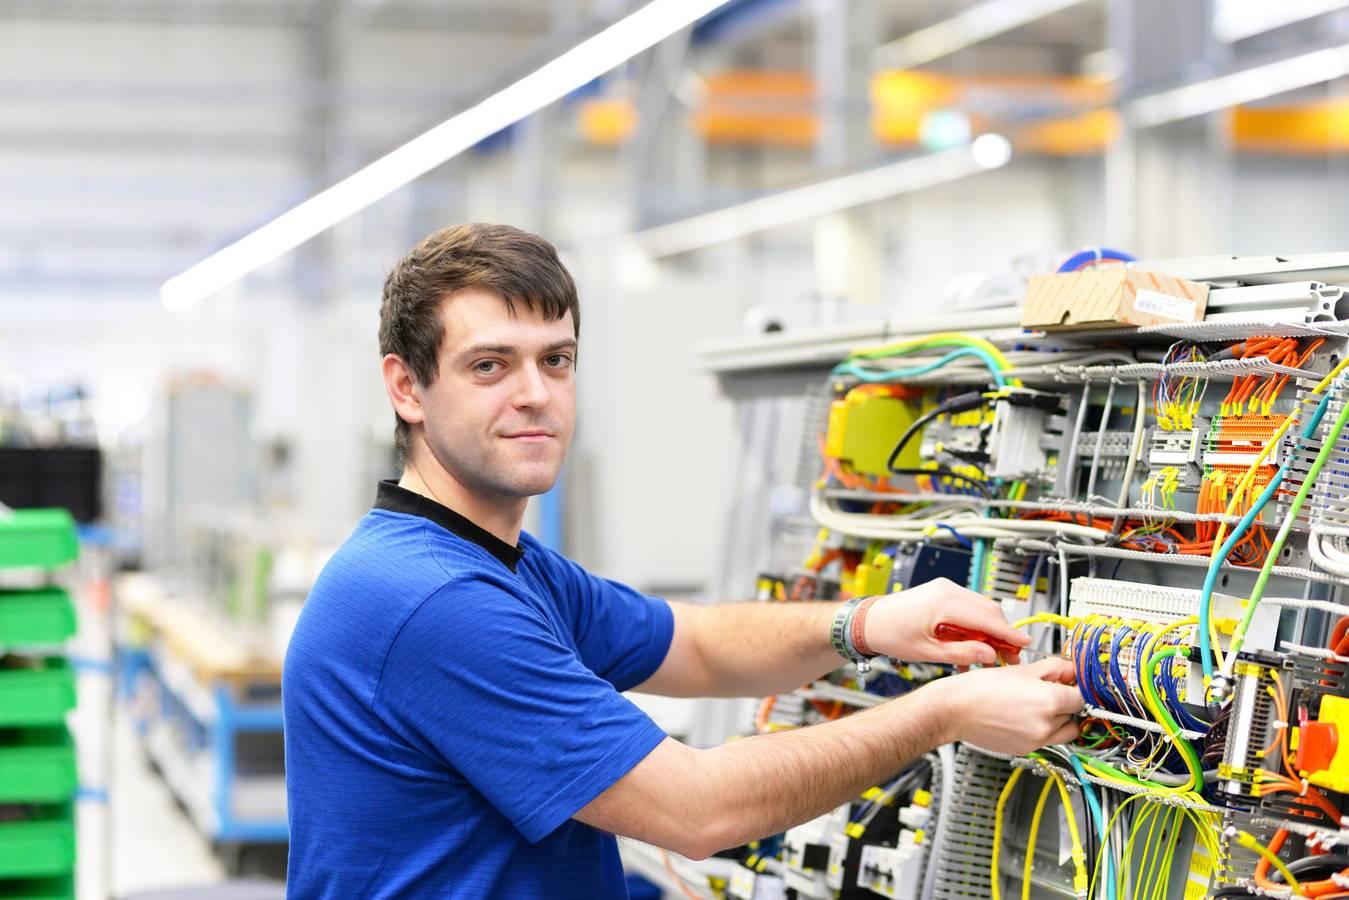 Elektroniker - Energie- und Gebäudetechnik